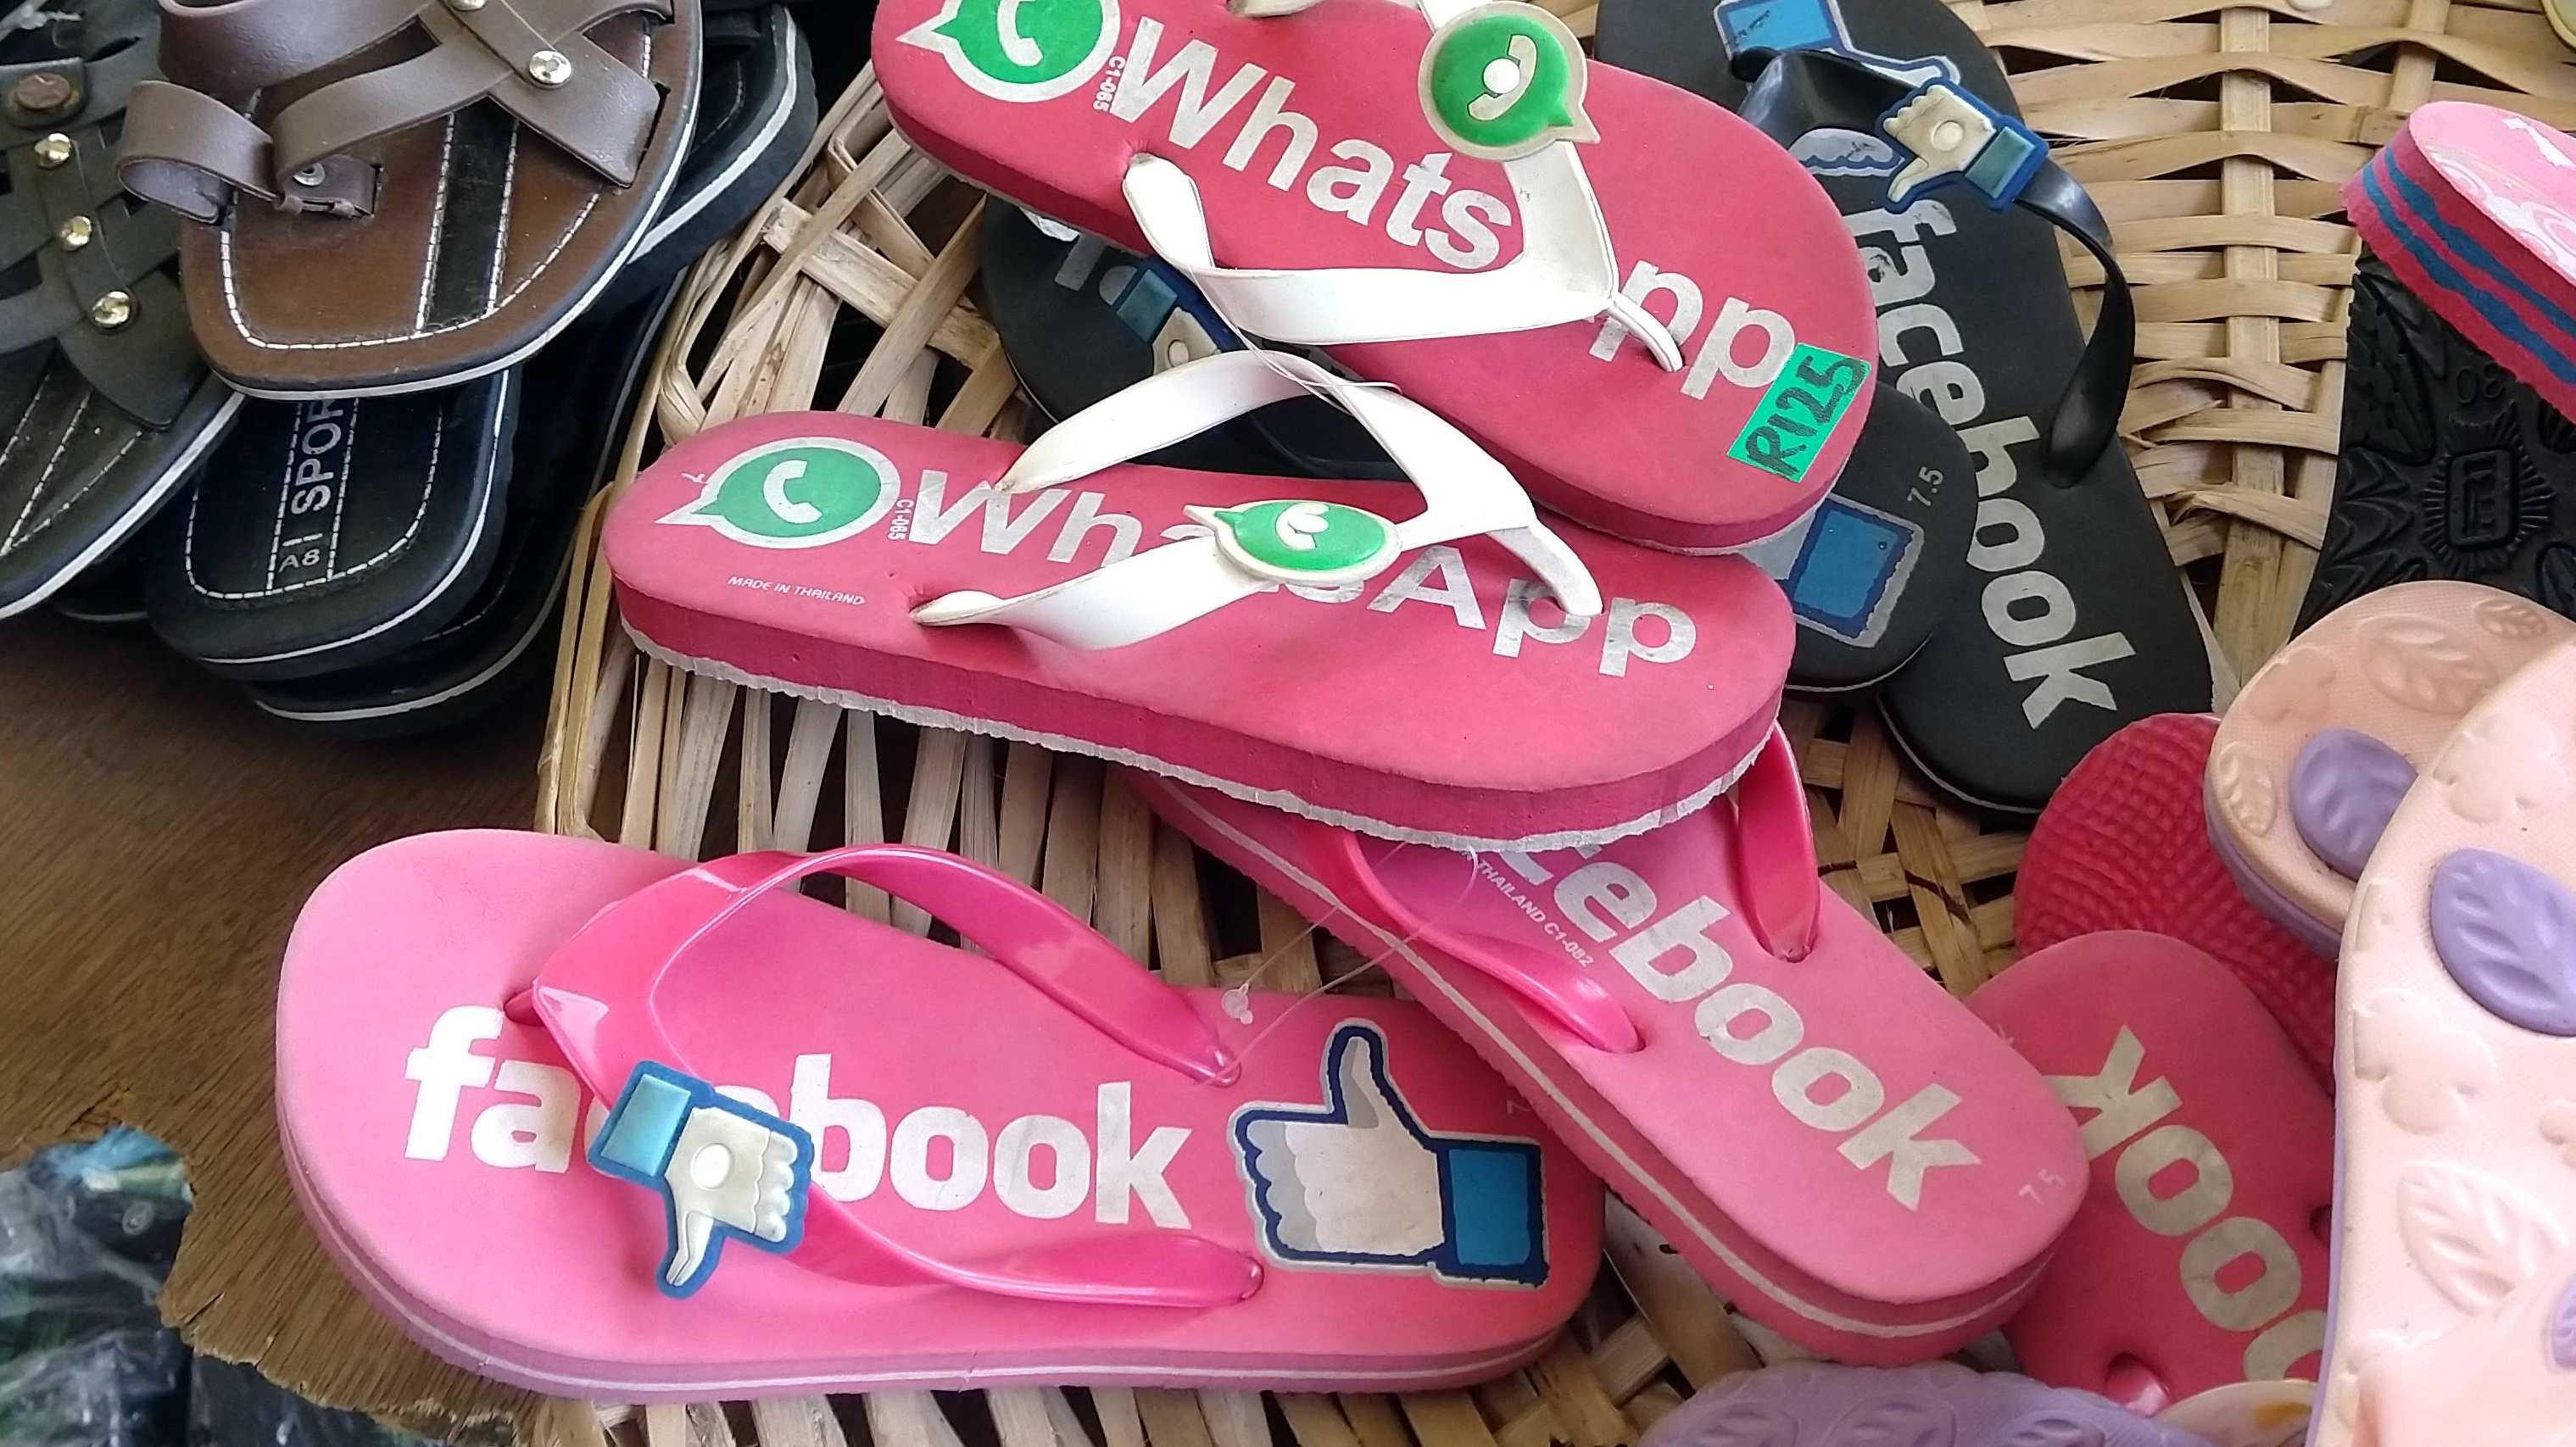 Facebook-Konzern erreicht 2 Milliarden User und höchsten Quartalsgewinn